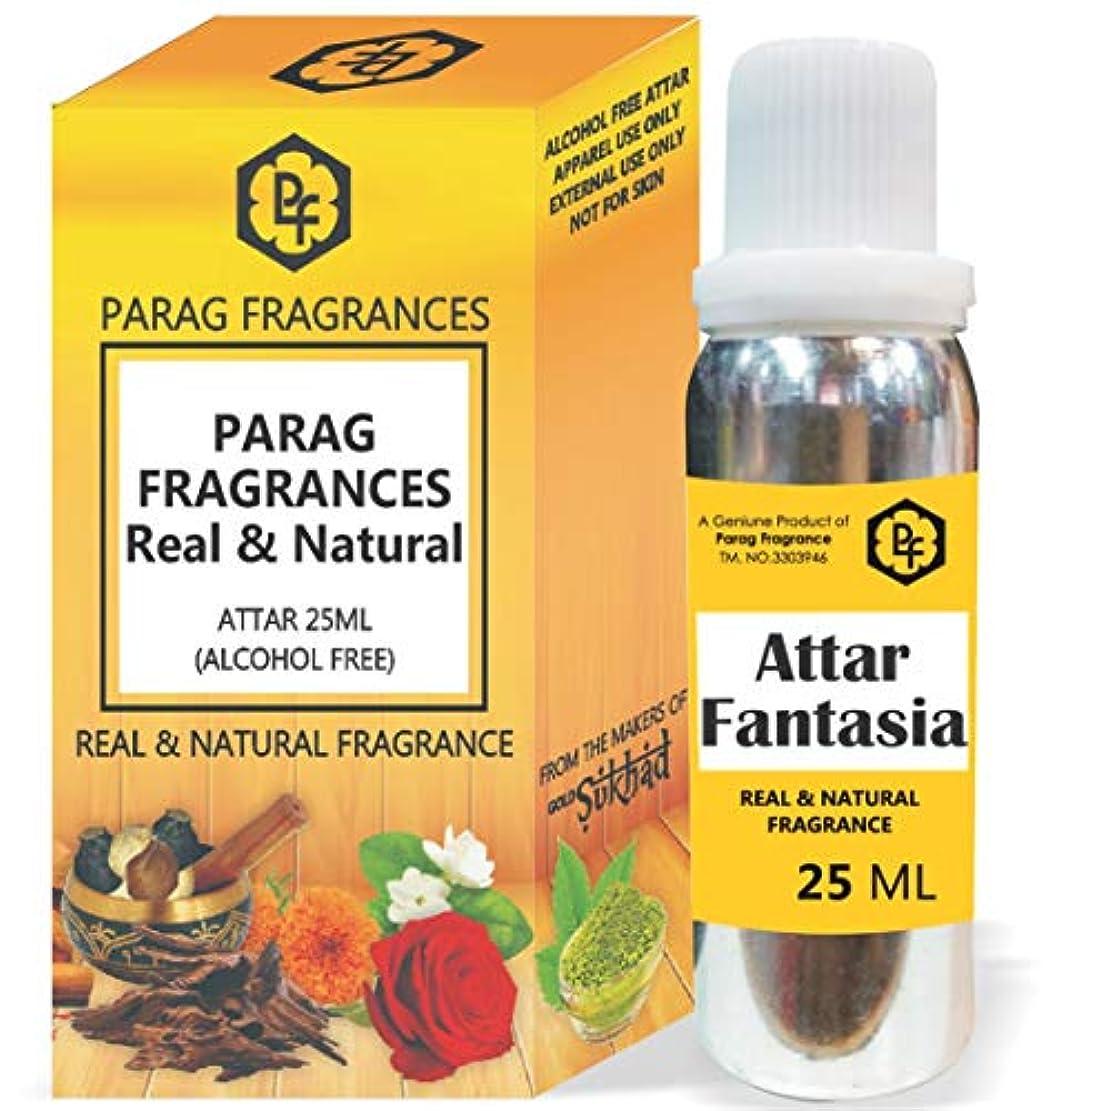 光の格差花弁50/100/200/500パック内の他のエディションファンシー空き瓶(アルコールフリー、ロングラスティング、自然アター)でParagフレグランス25ミリリットルファンタジアアター